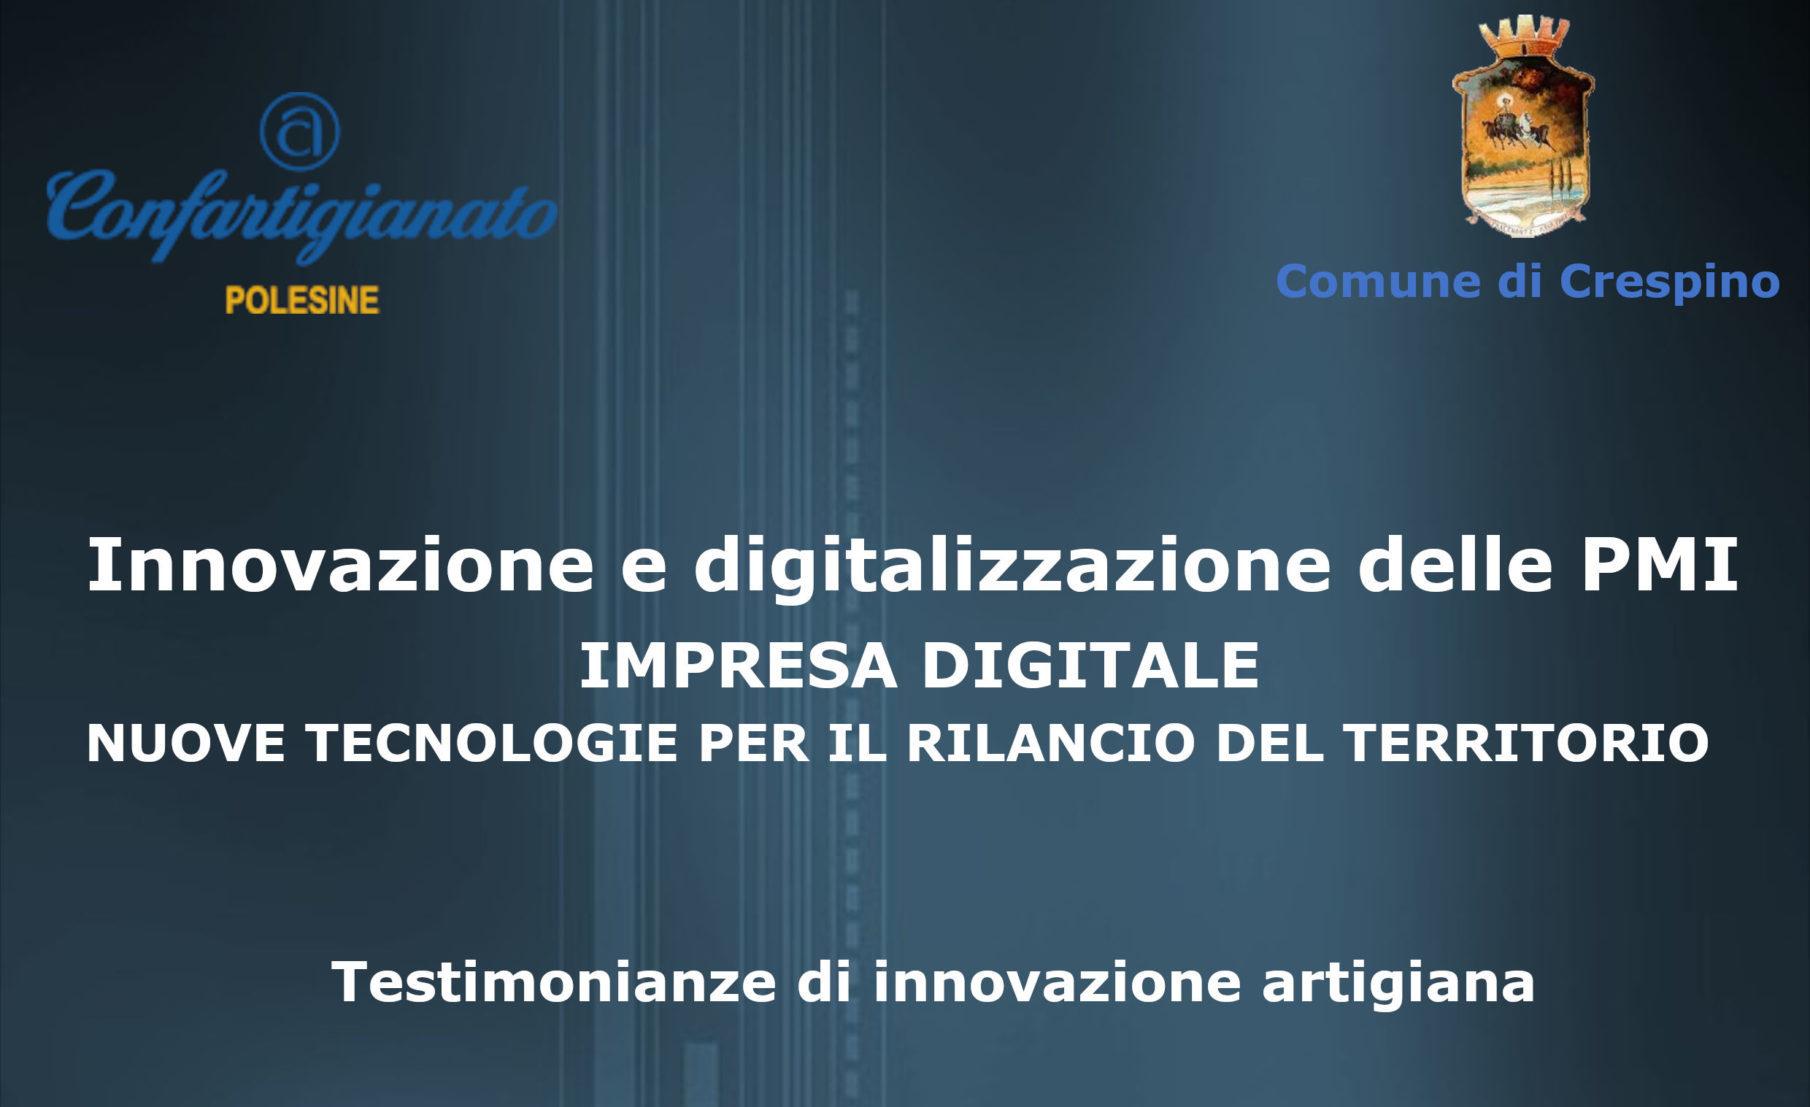 Impresa digitale, le nuove tecnologie per le PMI ed il territorio